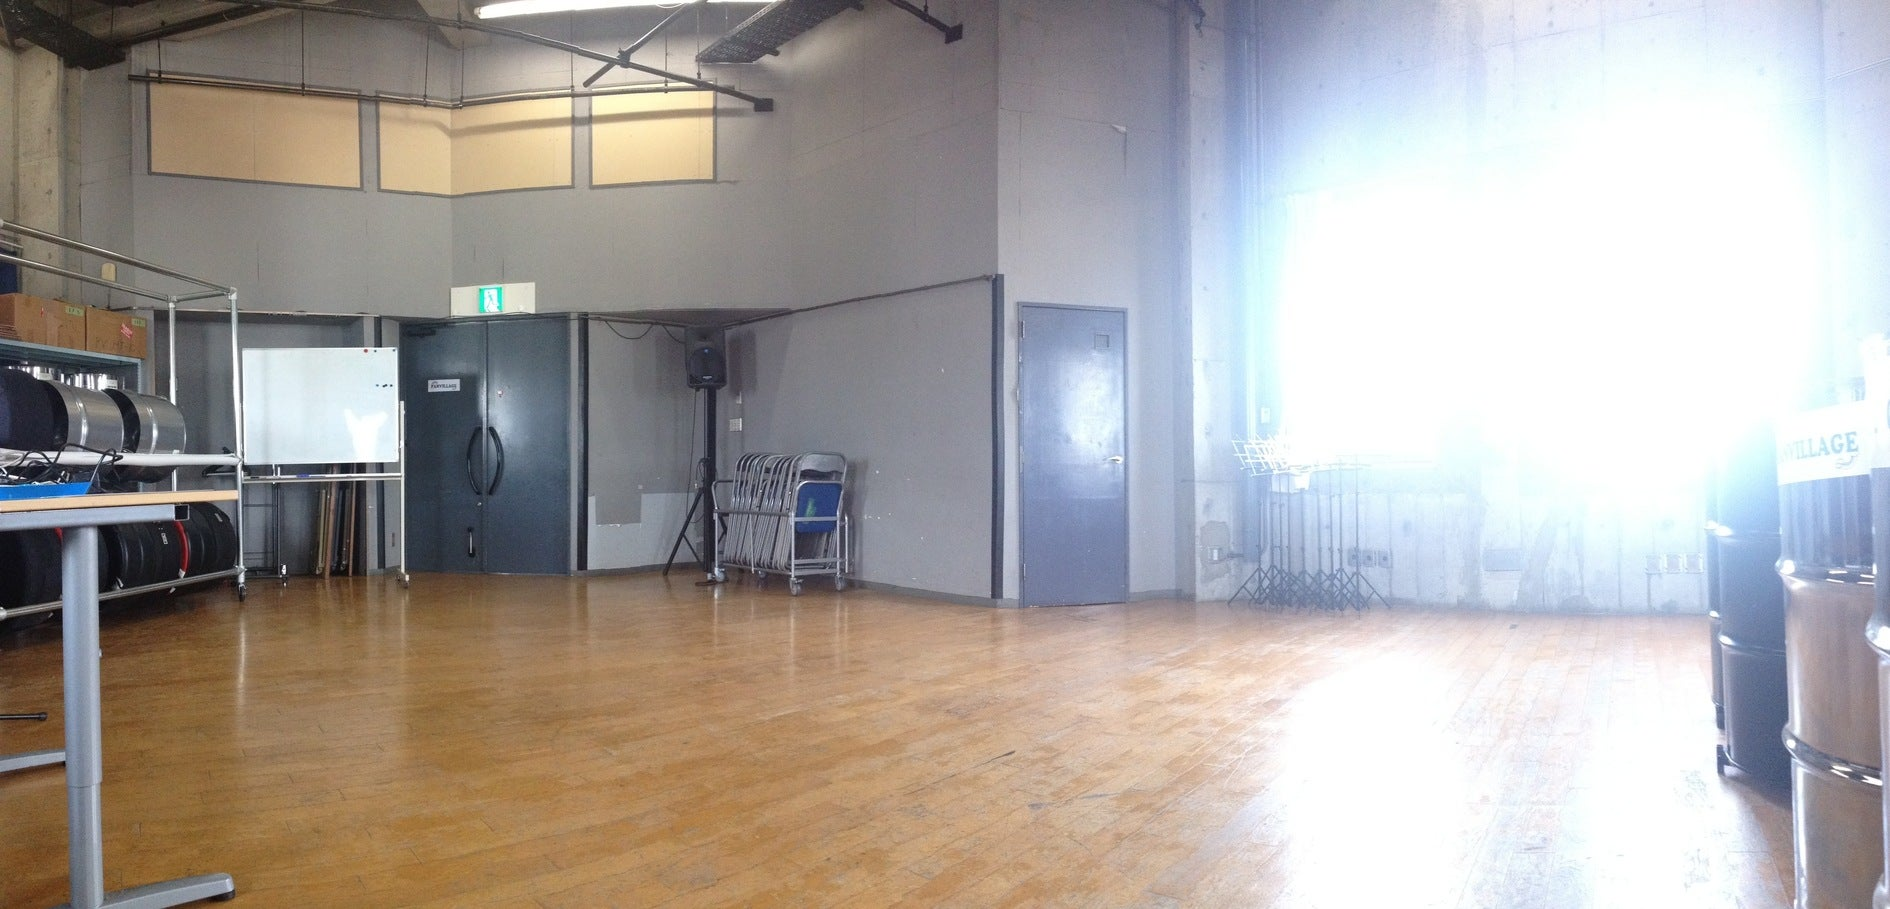 防音完備の広いスタジオ!、楽器、ダンス、演劇などの練習やレッスン、イベントや発表会などに(防音完備のスタジオ。楽器練習、レッスン、ダンス、演劇、各種教室や発表会などに。) の写真0